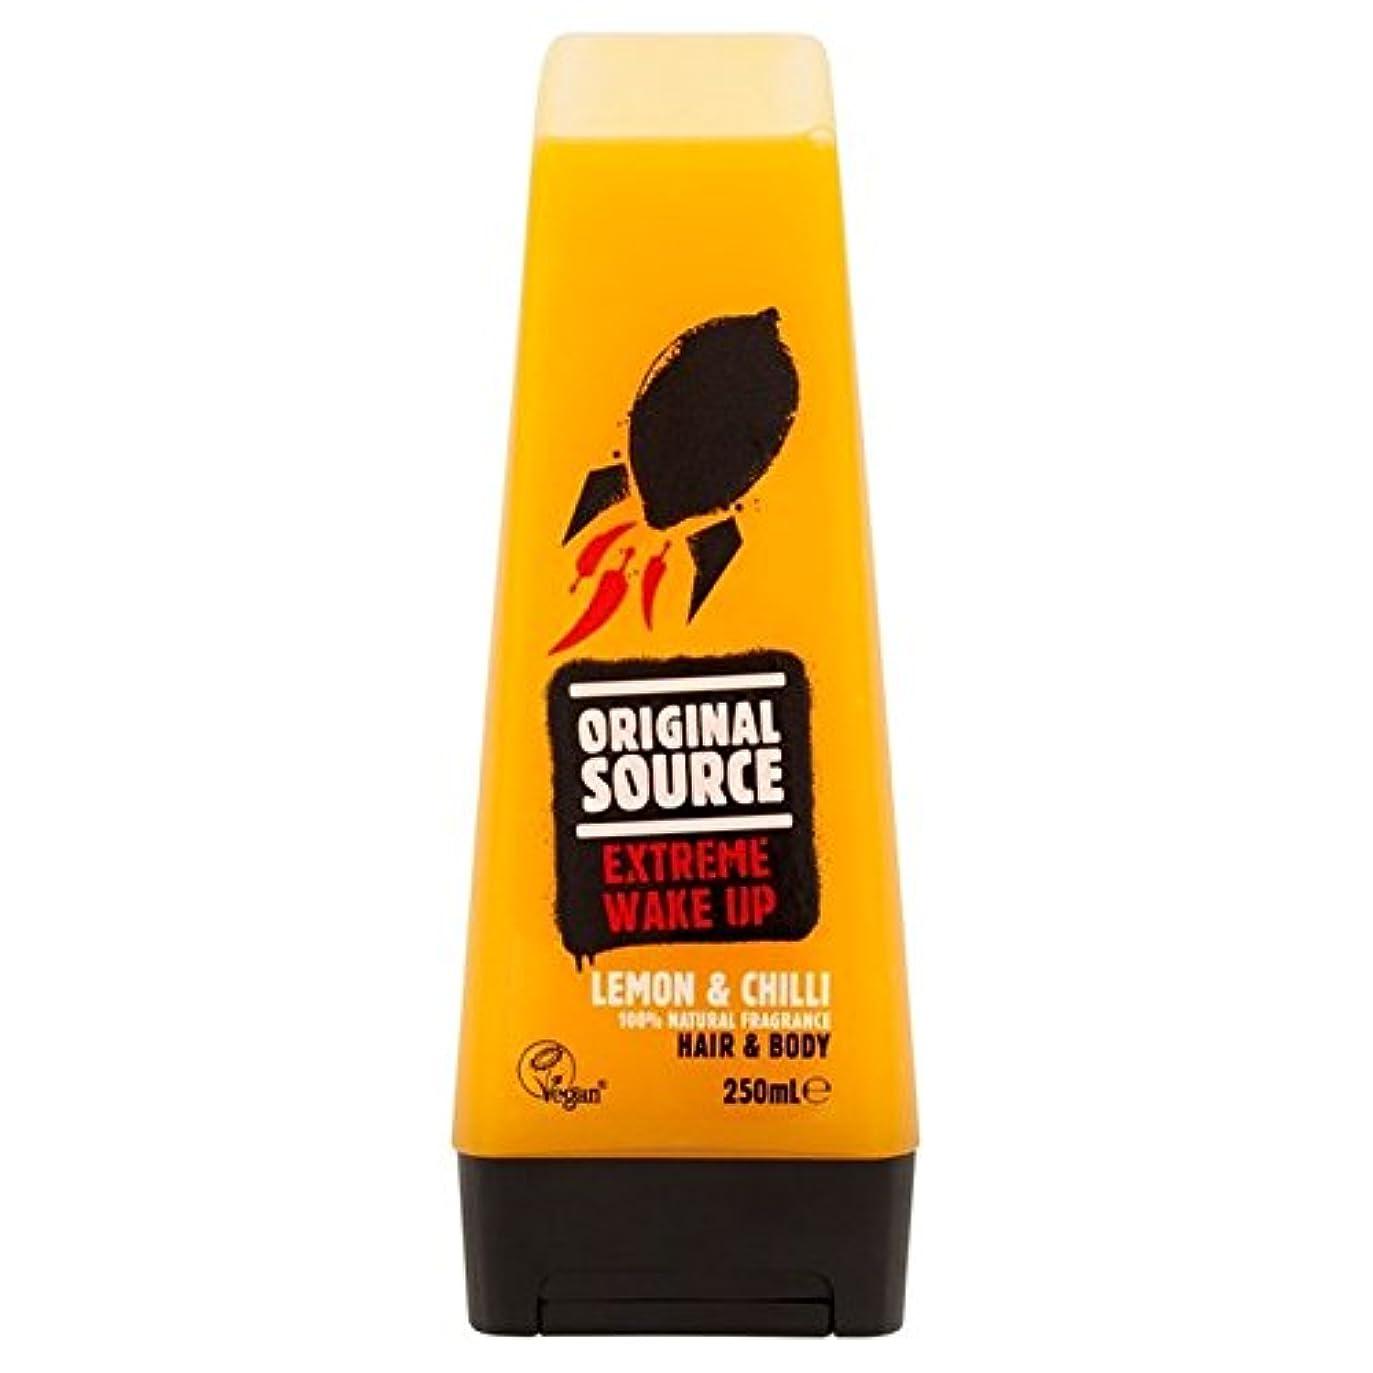 登山家ヒュームイデオロギーOriginal Source Mens Lemon & Chilli Hair & Body Shower Gel 250ml (Pack of 6) - 元のソースは、レモン&チリヘア&ボディシャワージェル250ミリリットルメンズ x6 [並行輸入品]